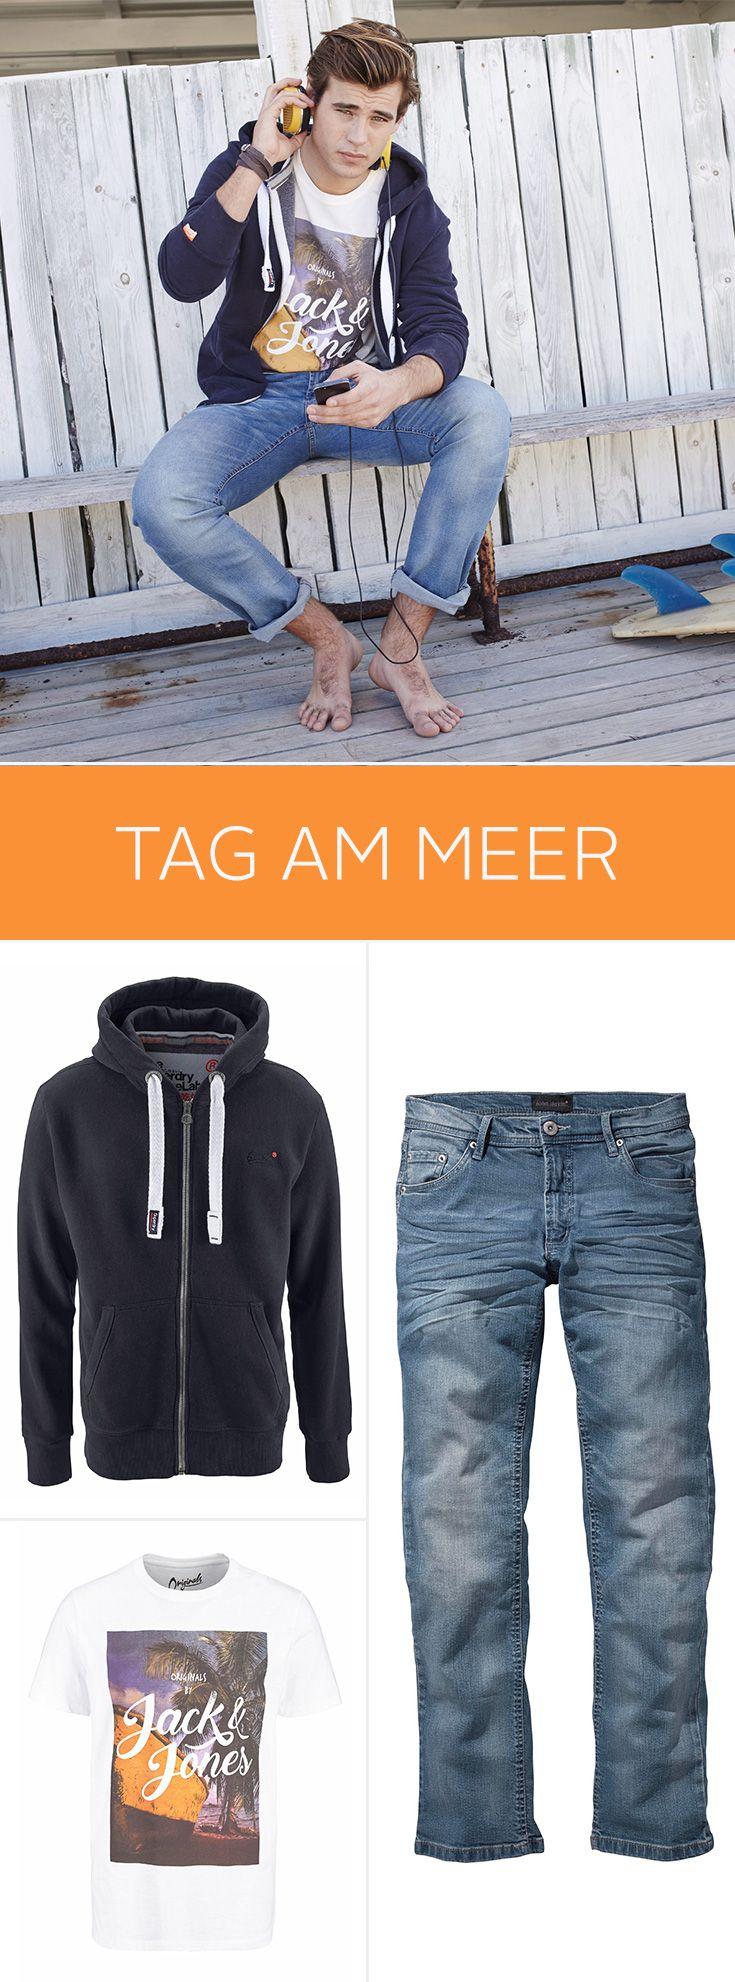 An den Stränden von Sylt, Amrum und St.Peter-Ording brauchst du nicht mehr als ein Shirt, Jeans und eine Sweatjacke für deinen perfekten Tag am Meer! Da kann das Wetter auch ruhig mal wechselhaft sein – du bist immer voll im Trend!